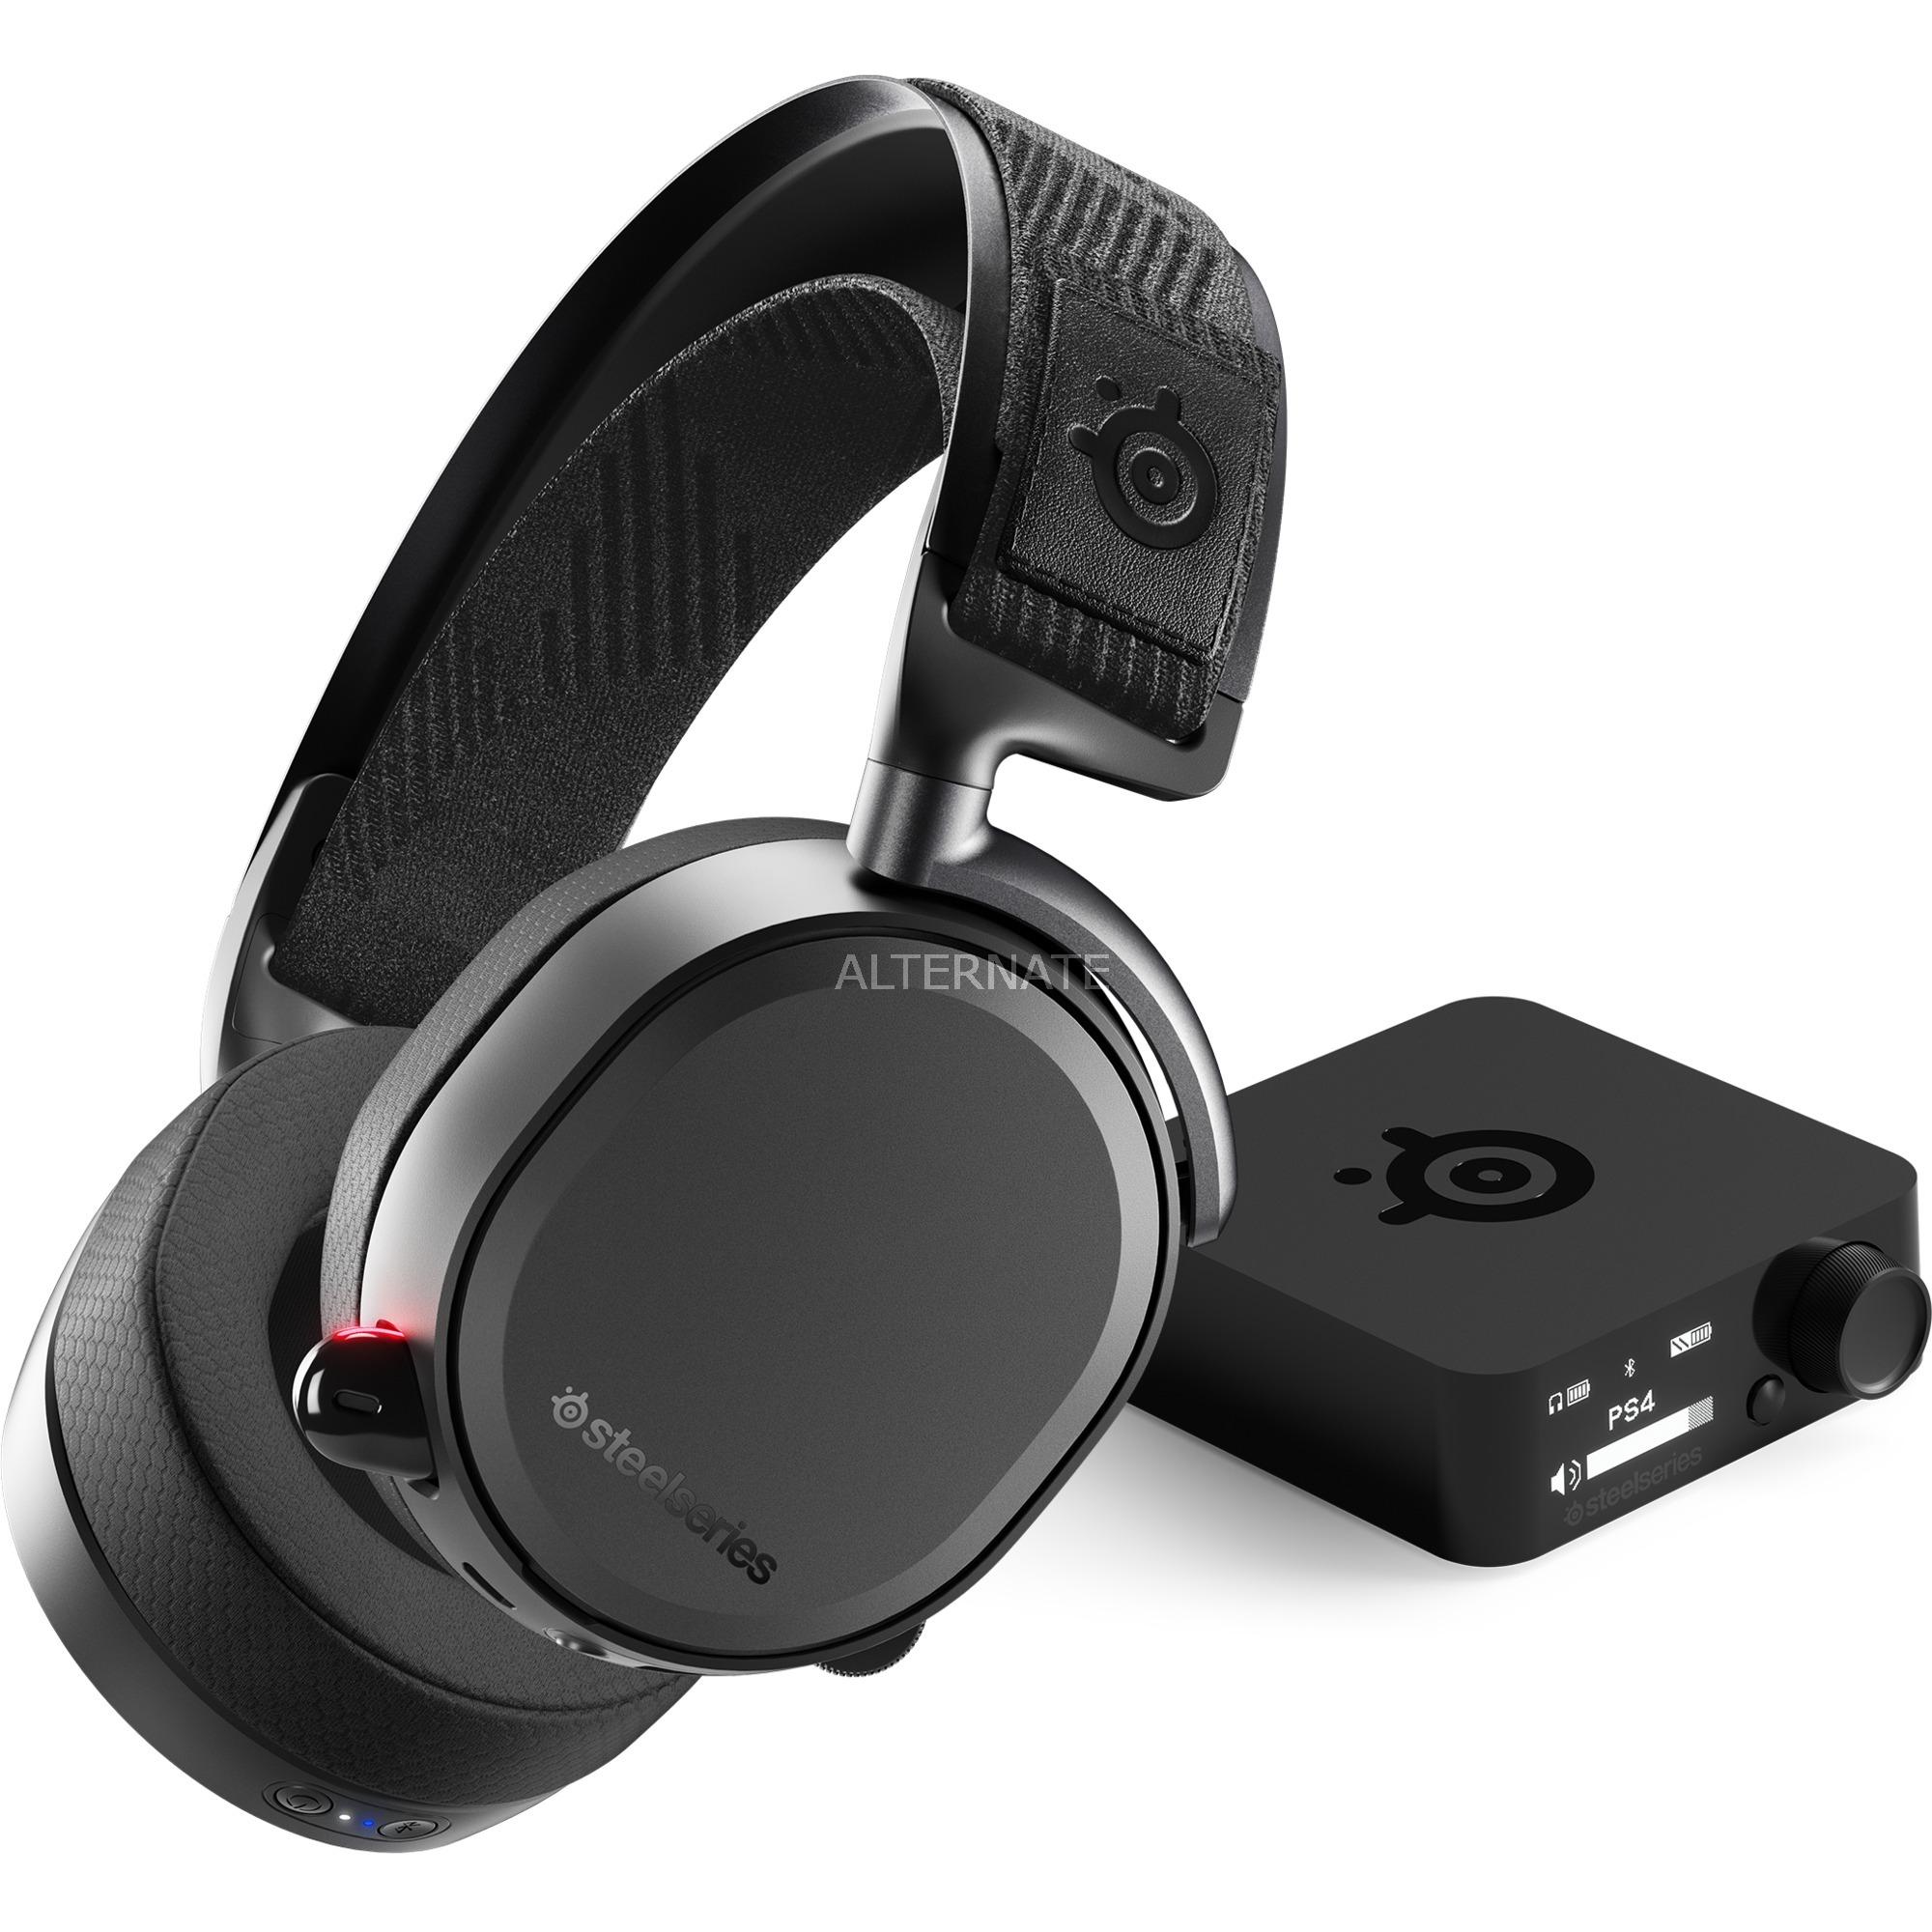 Arctis Pro Wireless auricular con micrófono Binaural Diadema Negro, Auriculares con micrófono